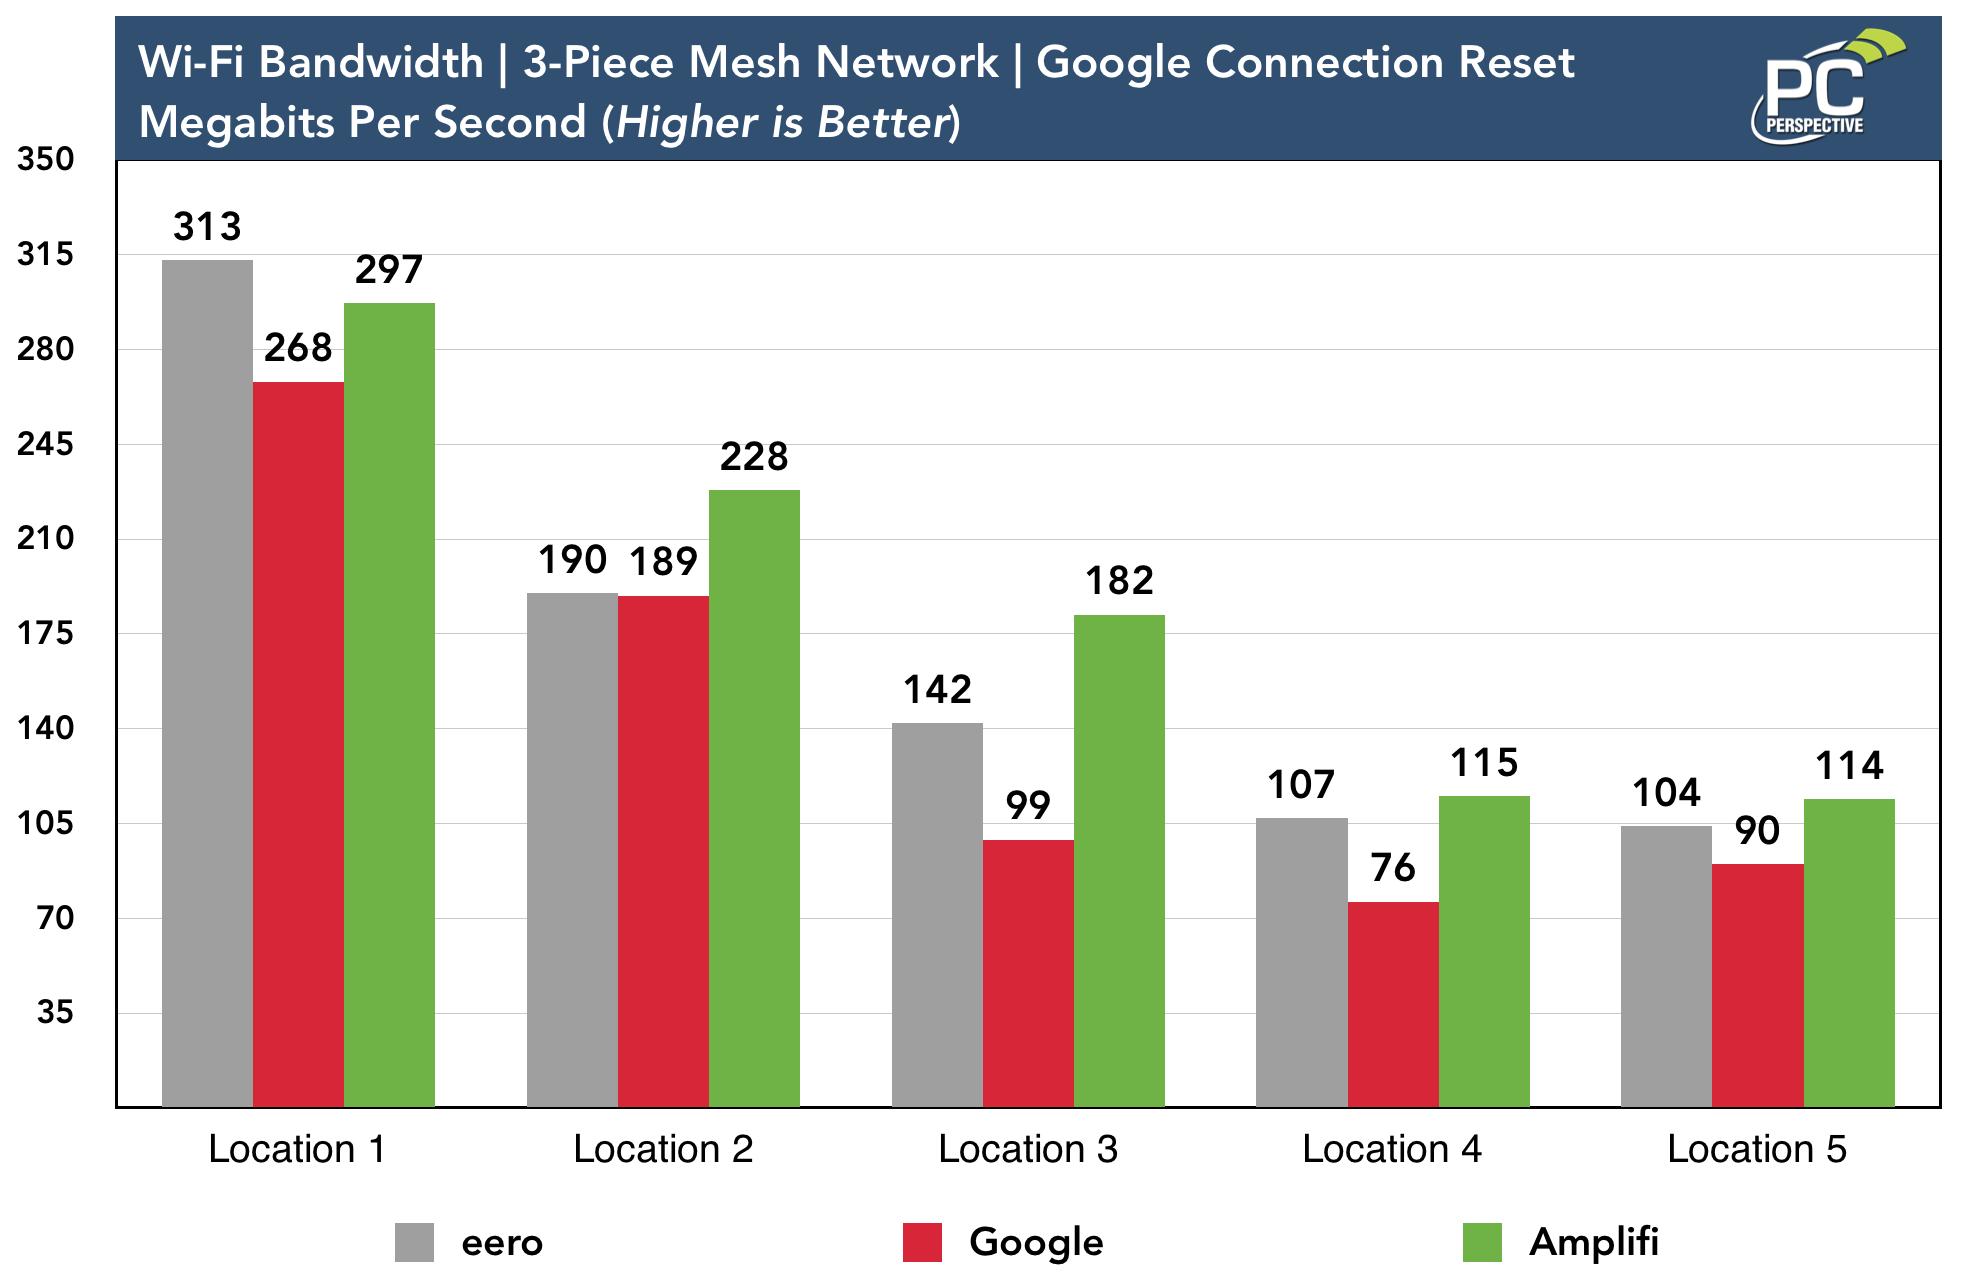 mesh-iperf-google-reset.png